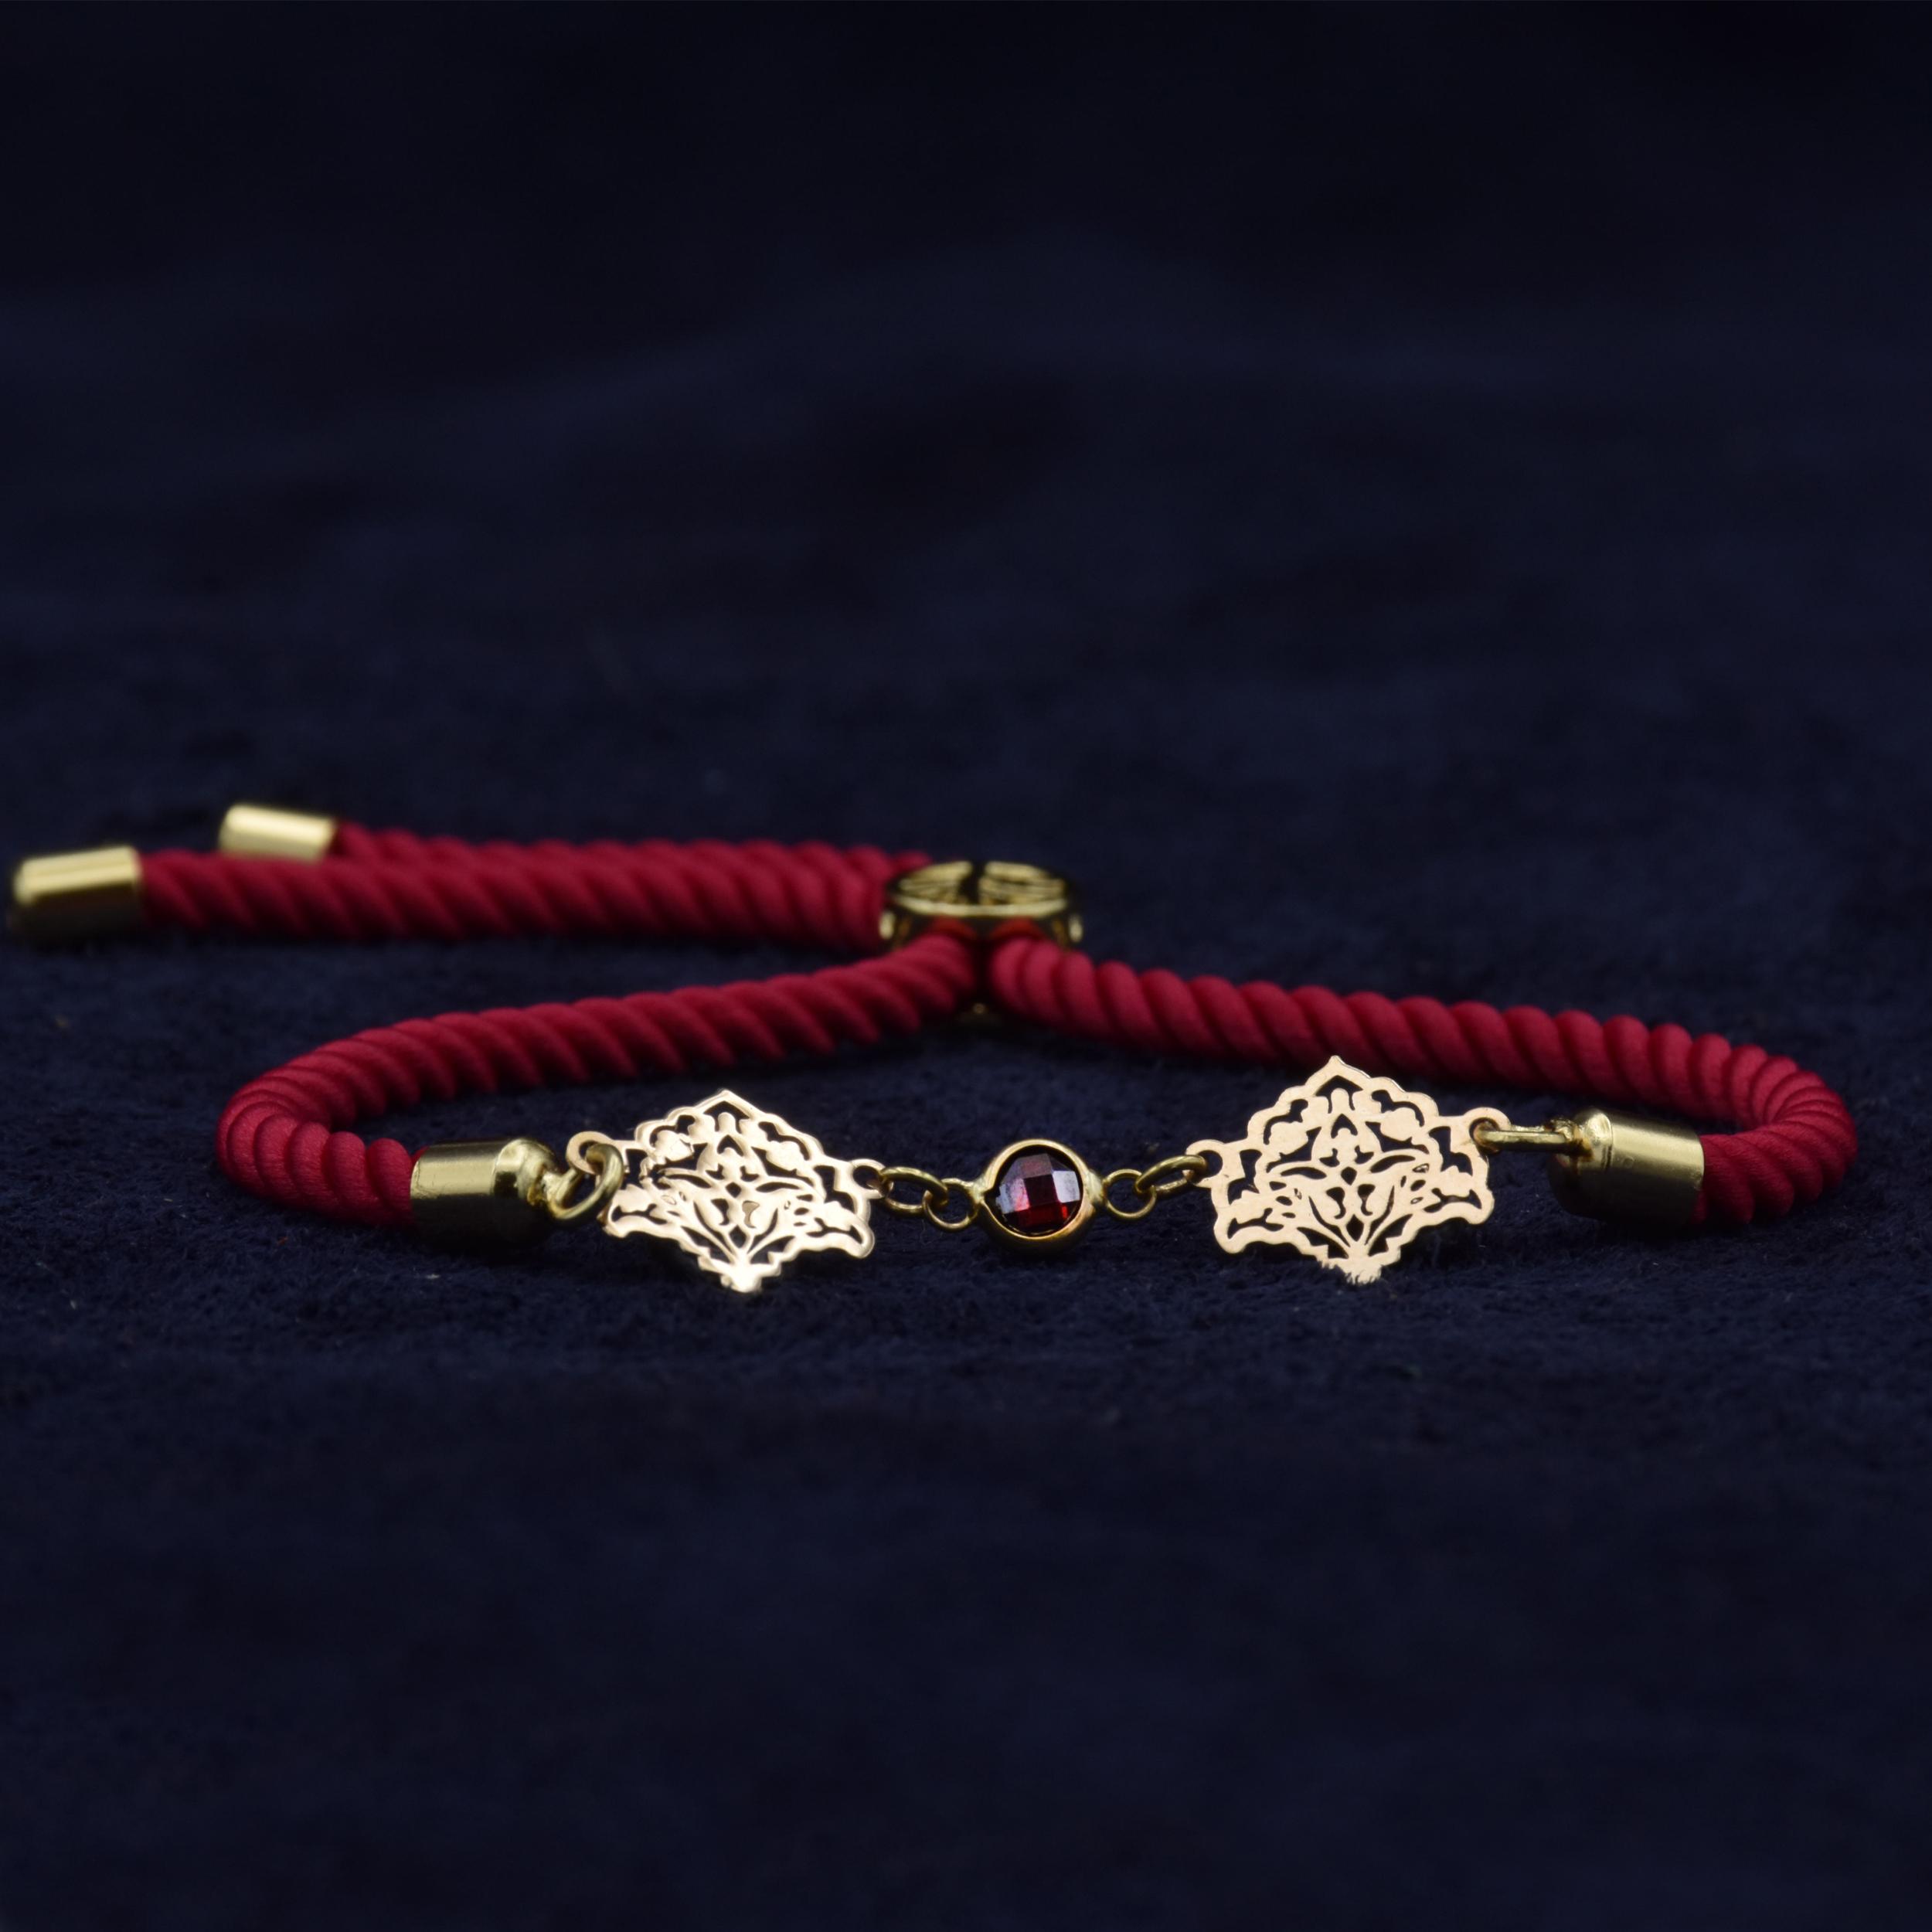 دستبند طلا 18 عیار زنانه آمانژ طرح اسلیمی کد 912D3389 -  - 4